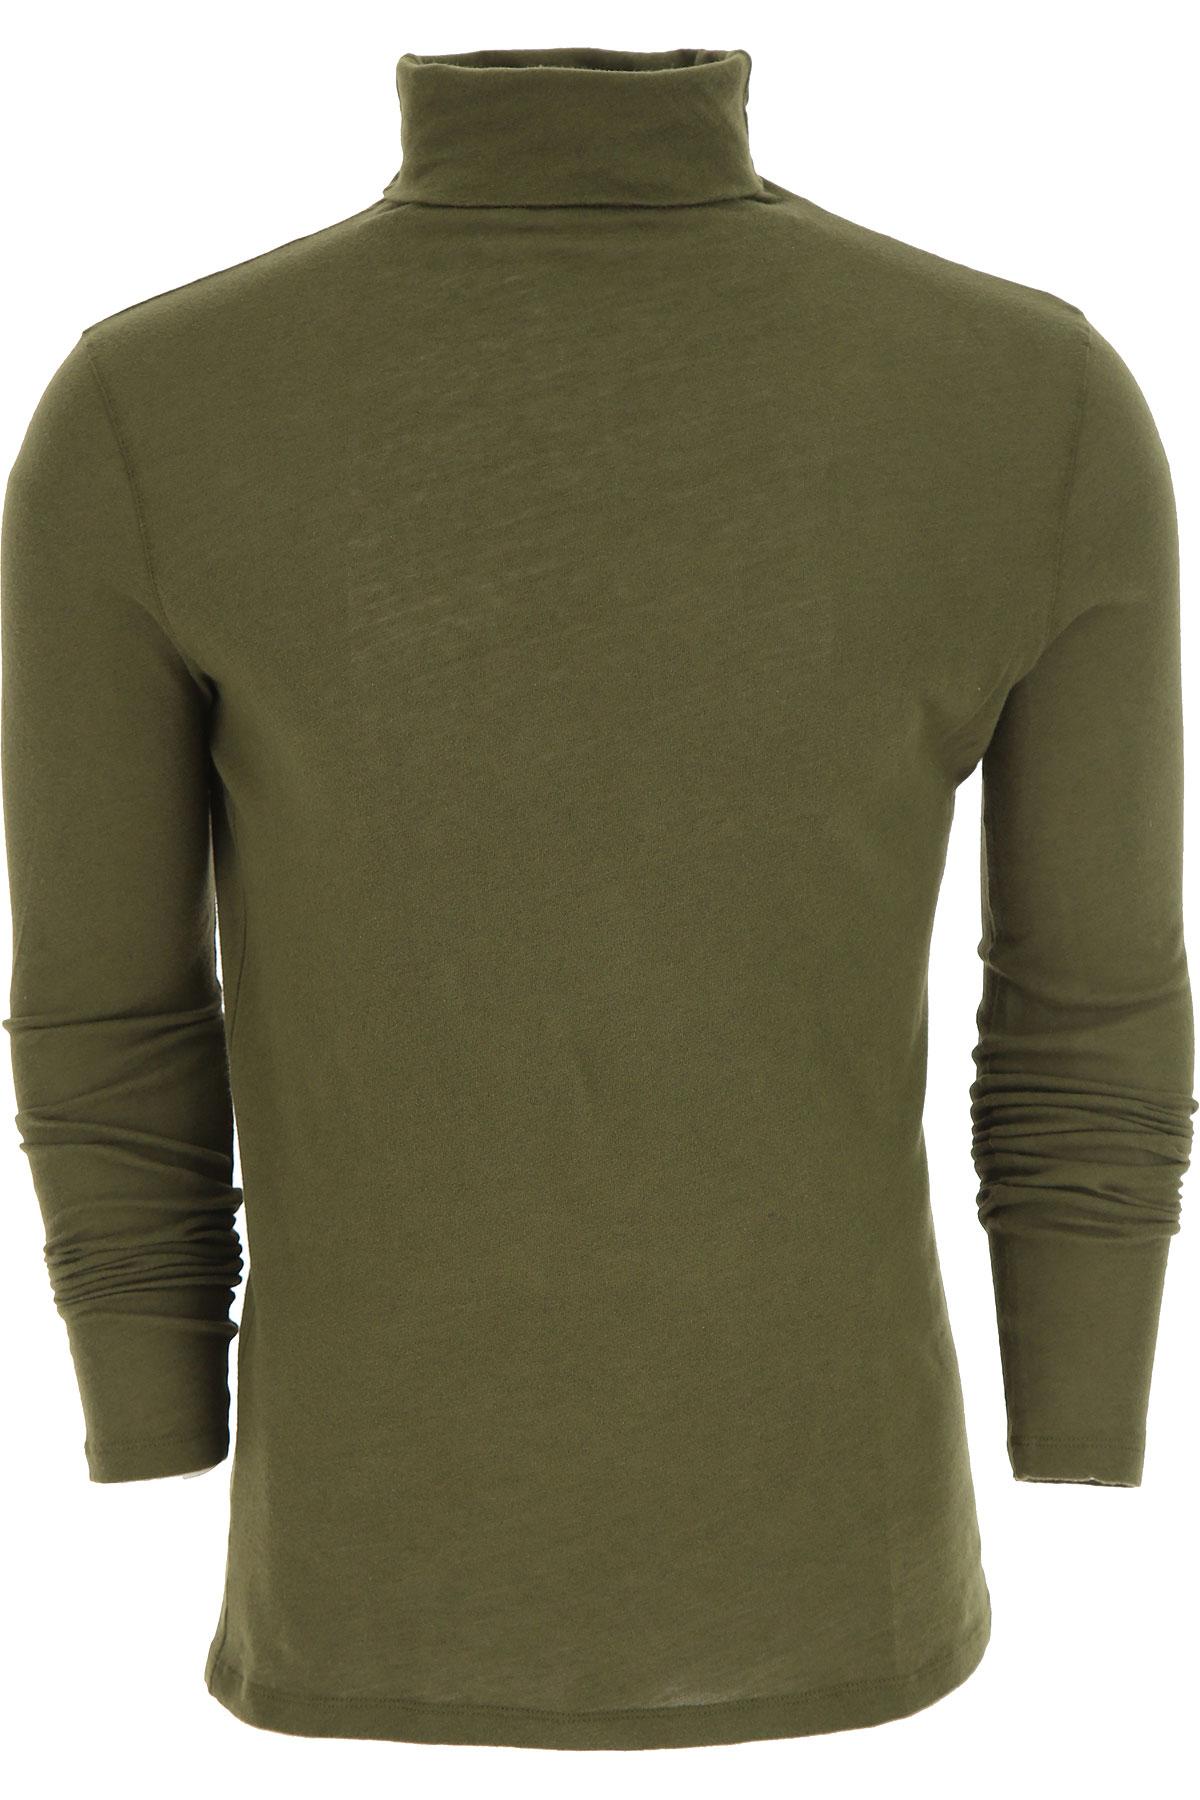 Image of Majestic Filatures T-Shirt for Men, Kaki, Cotton, 2017, L M XL